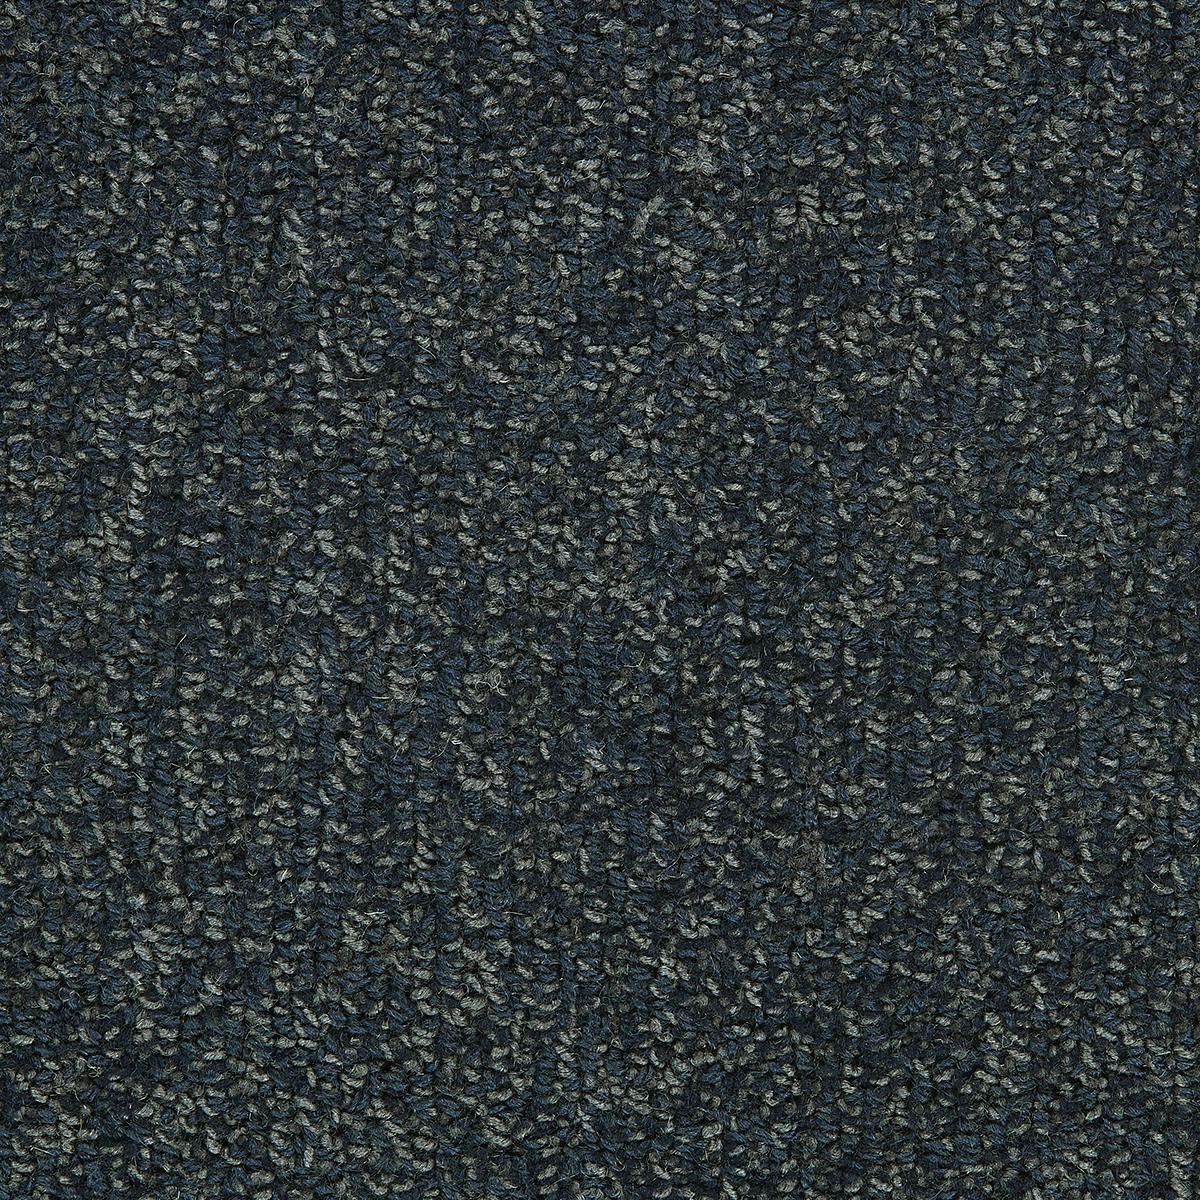 granite-twist-007-1012